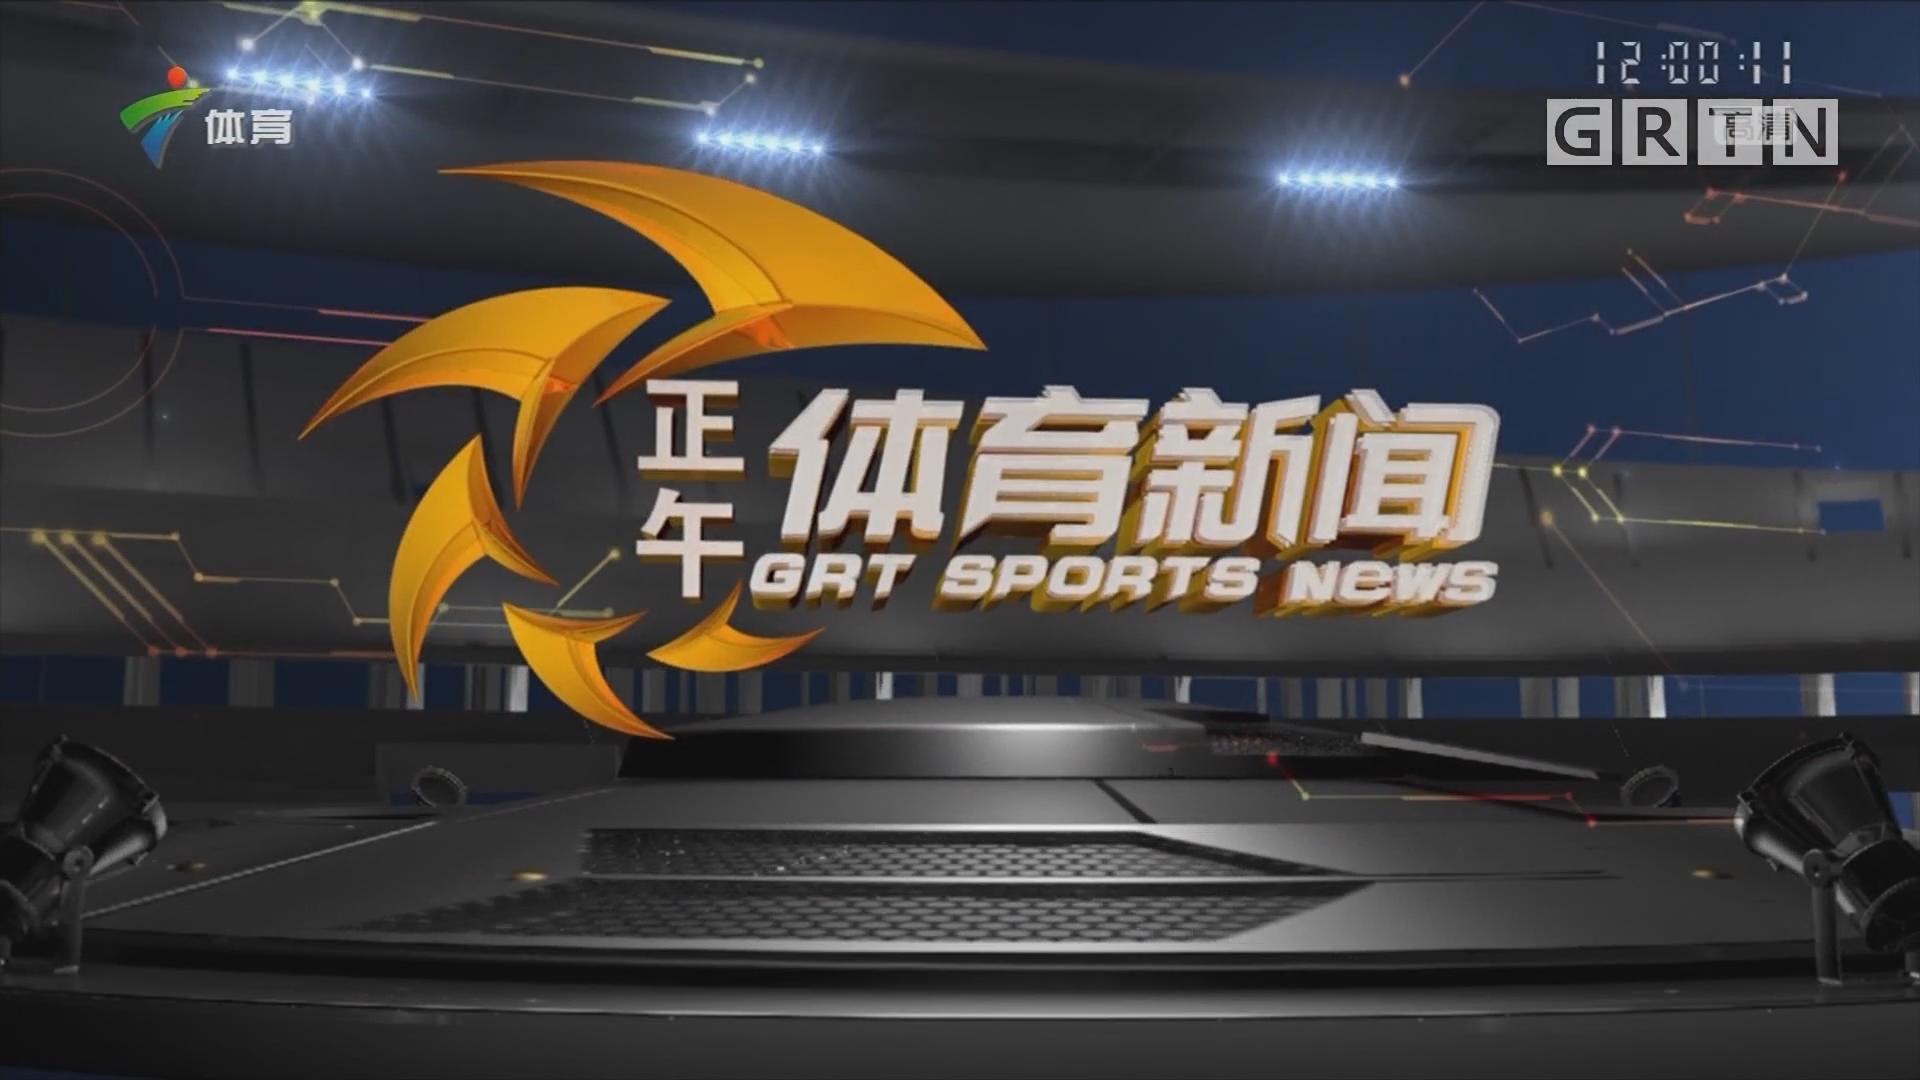 [HD][2019-05-14]正午体育新闻:体操全锦赛 广东体操队获7金收官